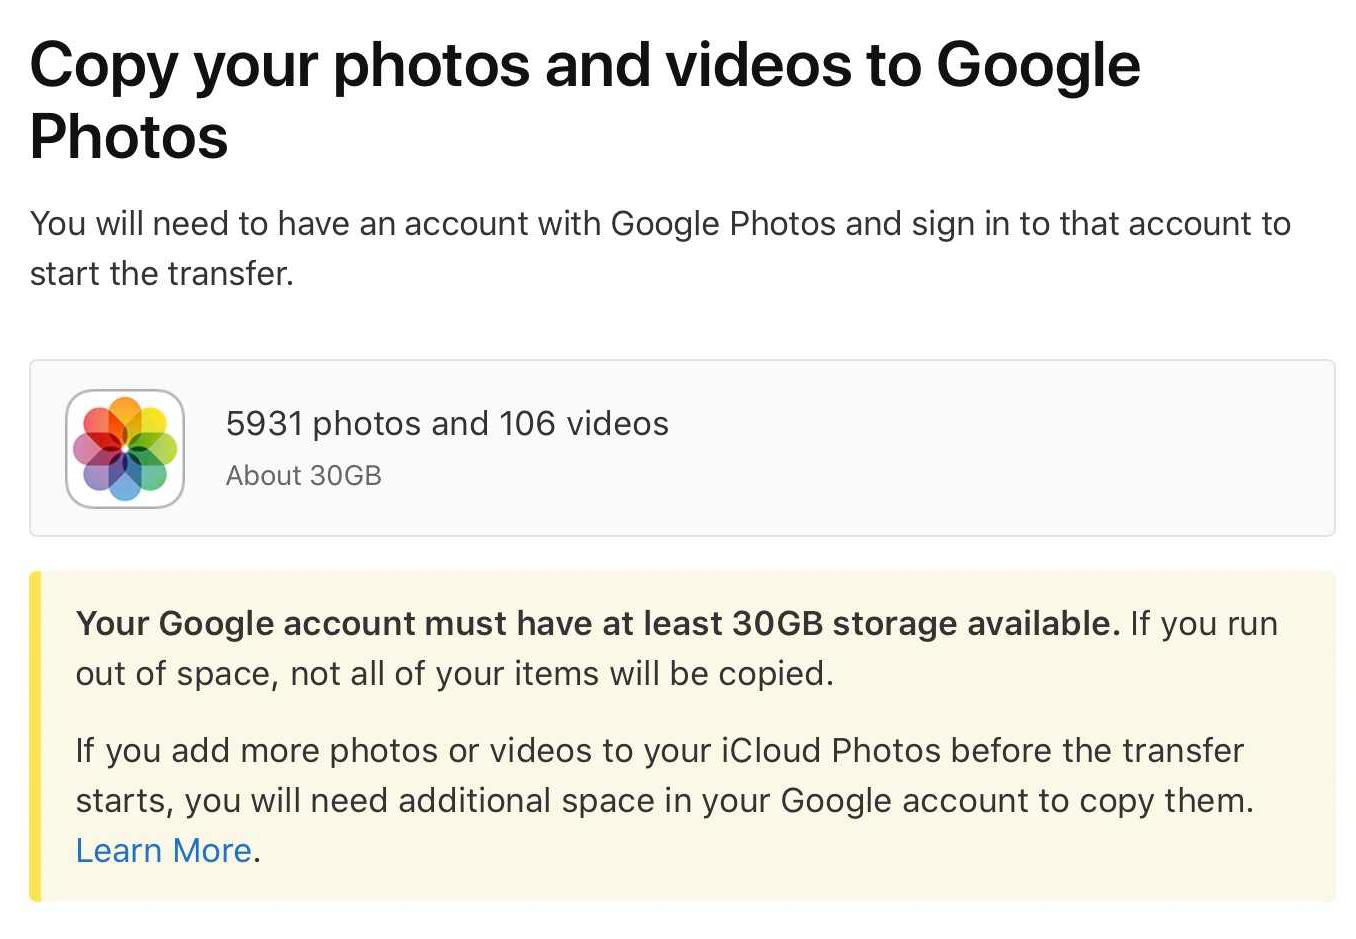 كبفية نقل الصور والفيديو من حساب ابل أي كلاود إلى حساب جوجل بسهولة؟